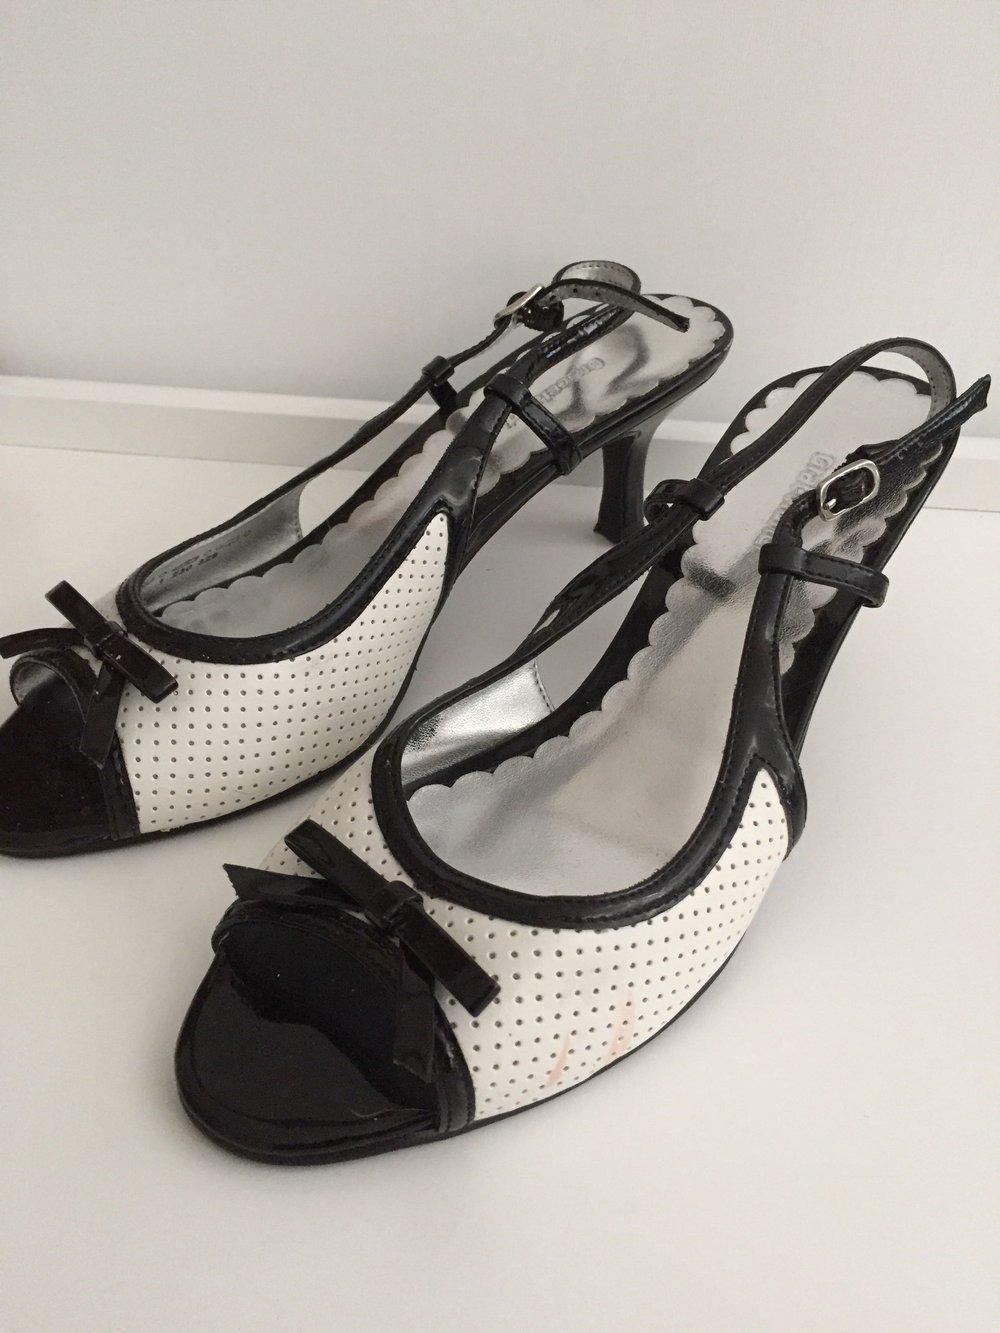 Schuhe Mit Einer Graceland Schleife37Schwarz Weiß rCoBeWxd